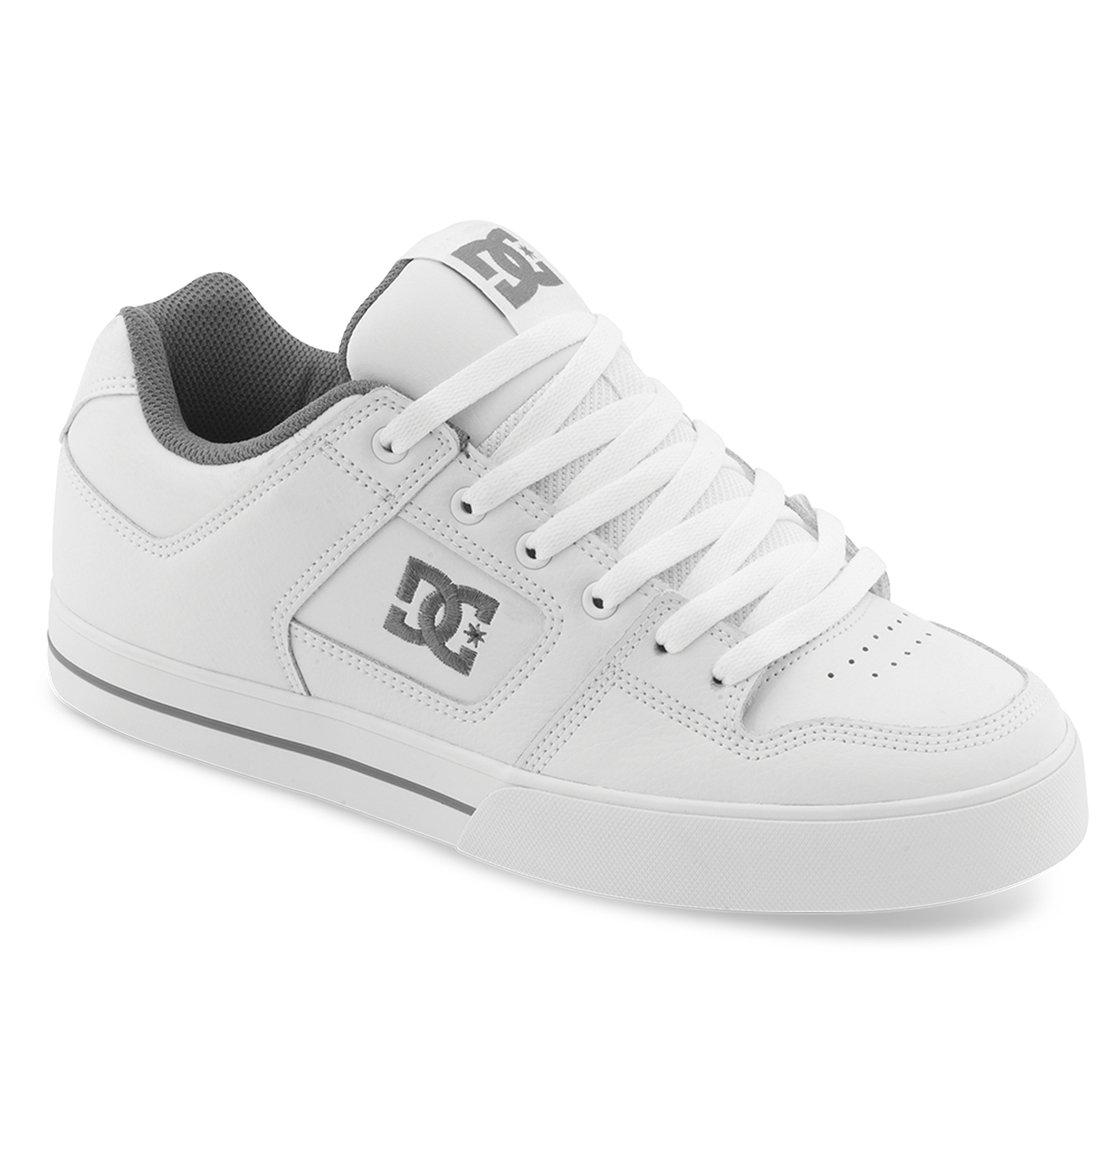 0ee06263599 2 Pure - Zapatos para Hombre Blanco 300660 DC Shoes